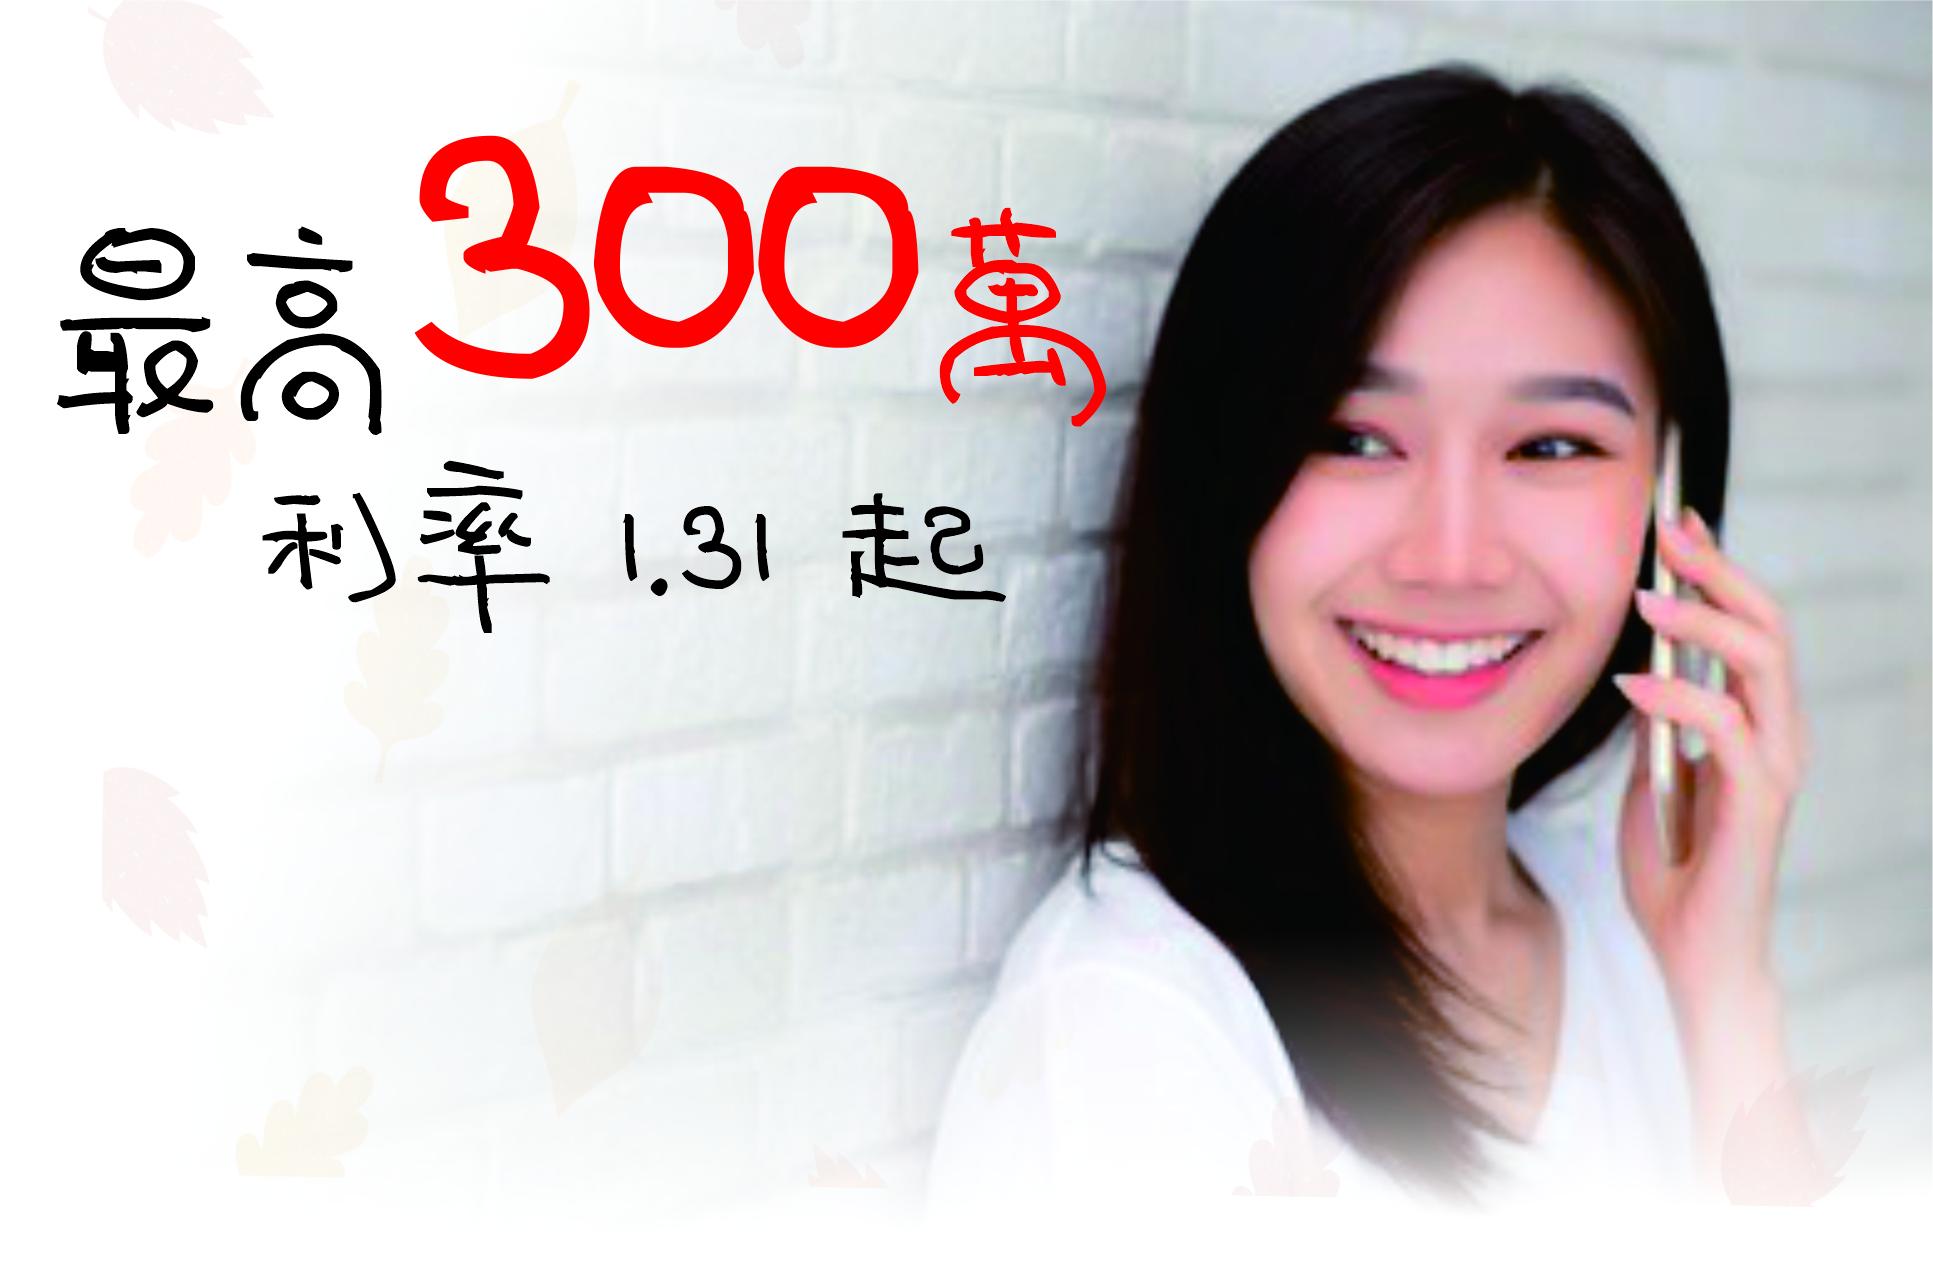 真心相貸信用貸款最高300萬利率1.31起1